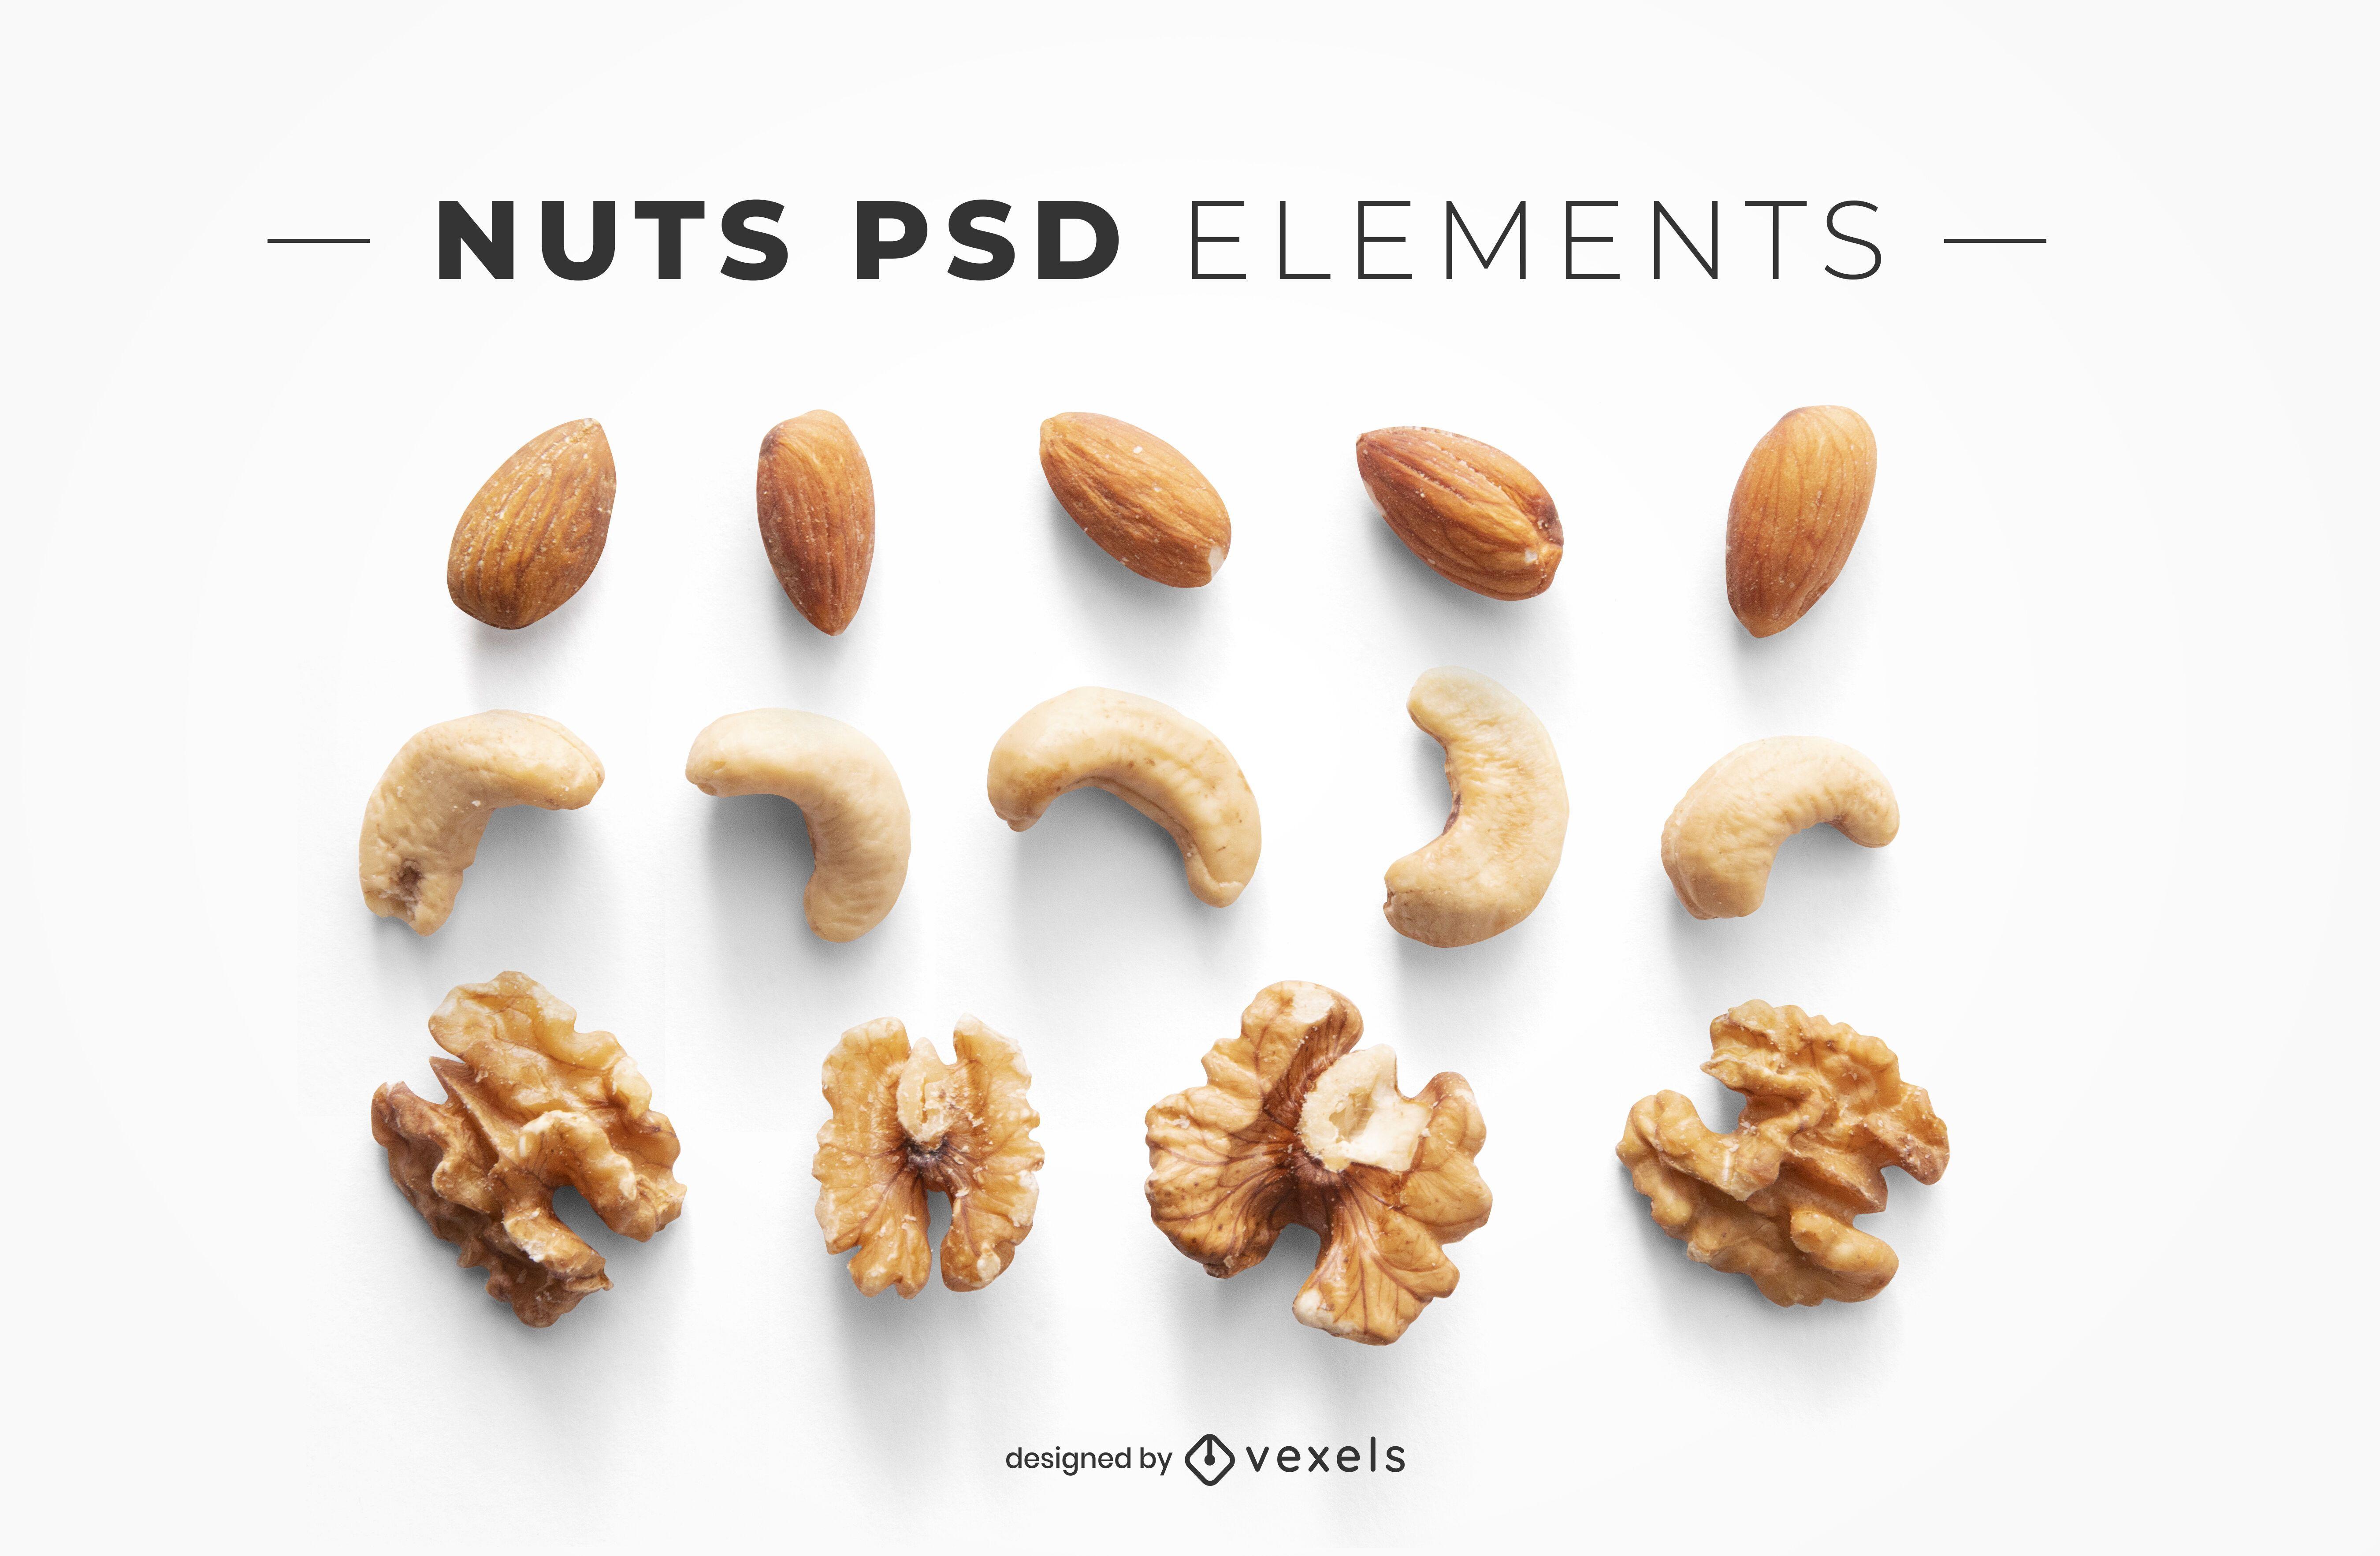 Elementos psd de nueces para maquetas